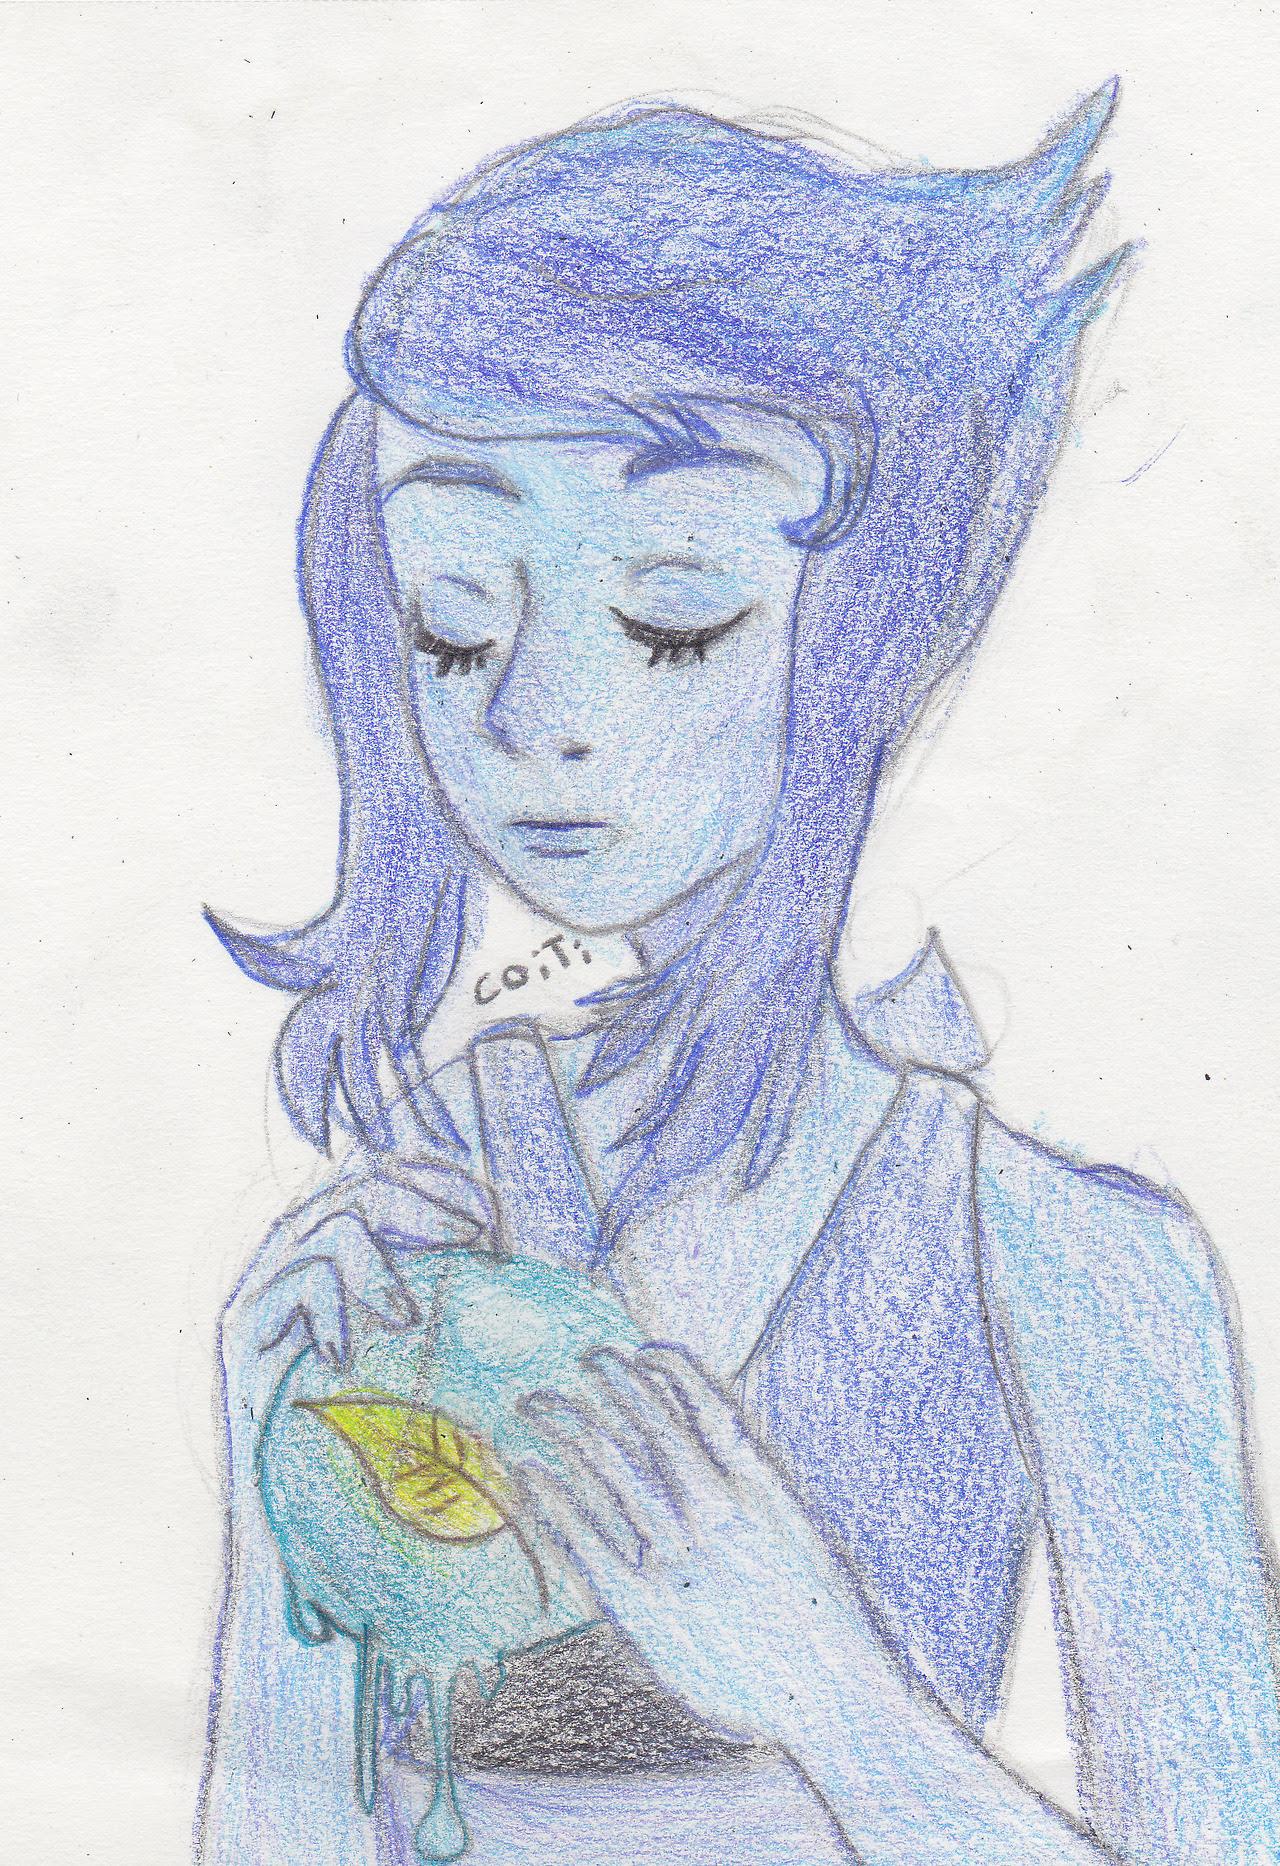 Un dibujo que hice en el liceo hace ya un tiempo y pinte hoy.